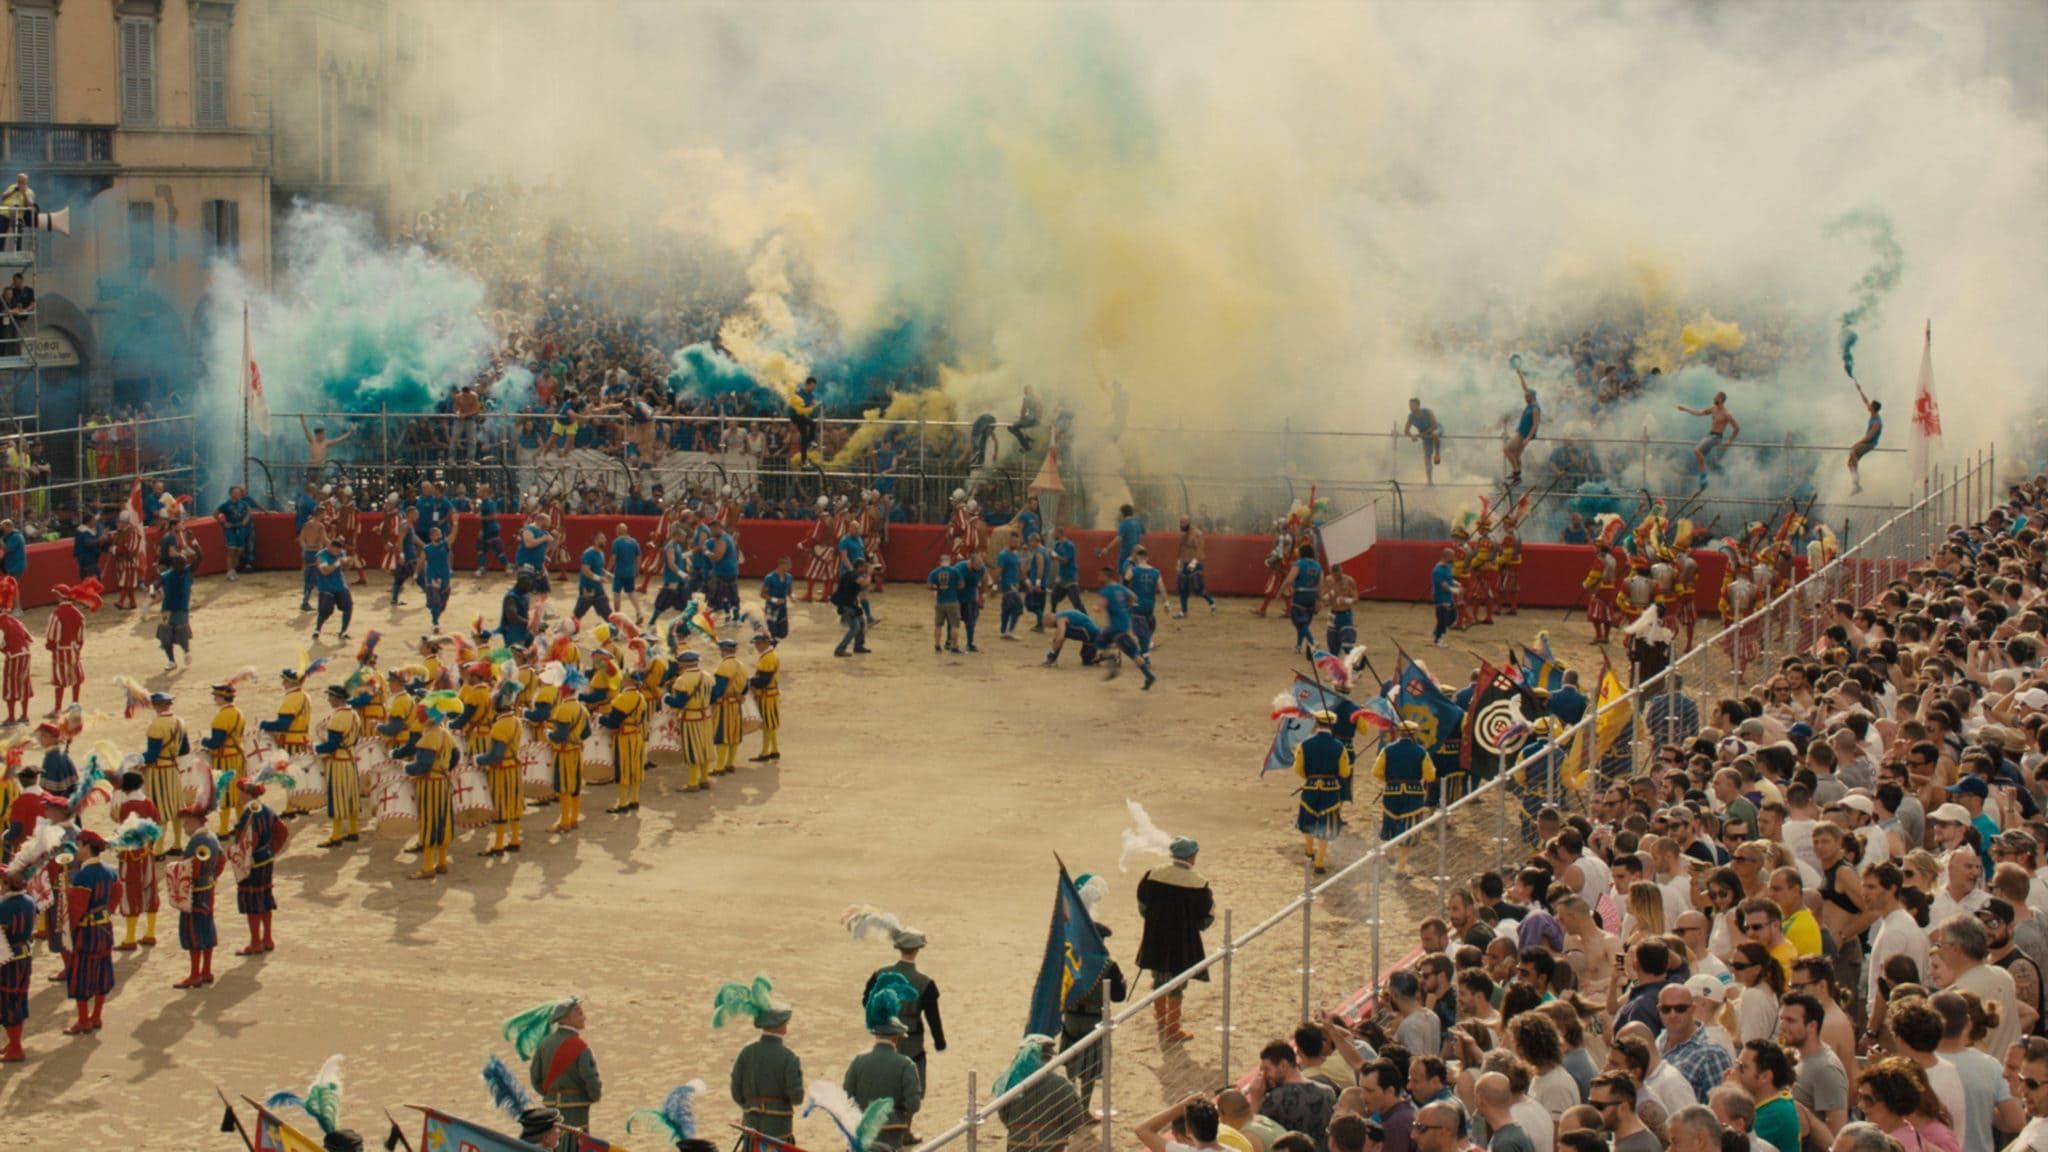 Calcio-storico-florence-parade